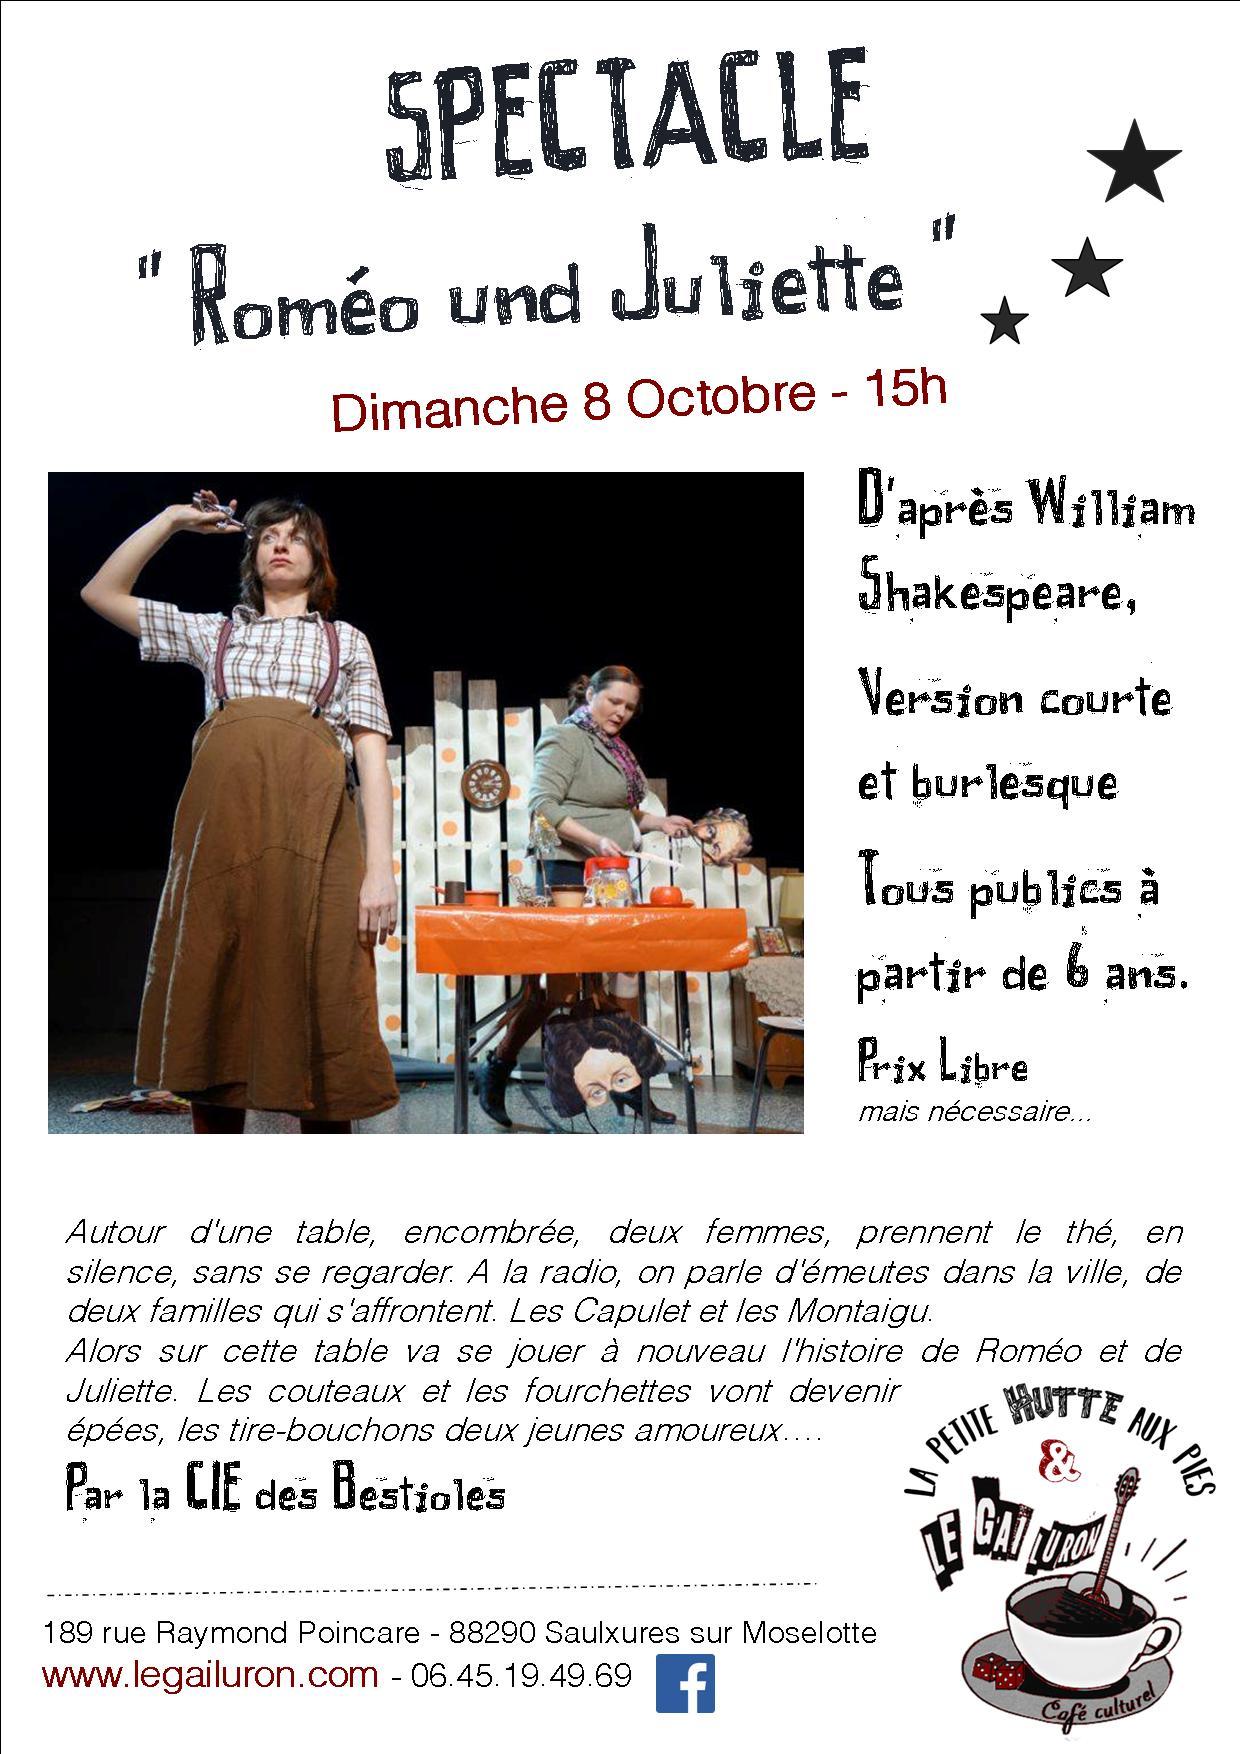 spectacle Romeo und juliette